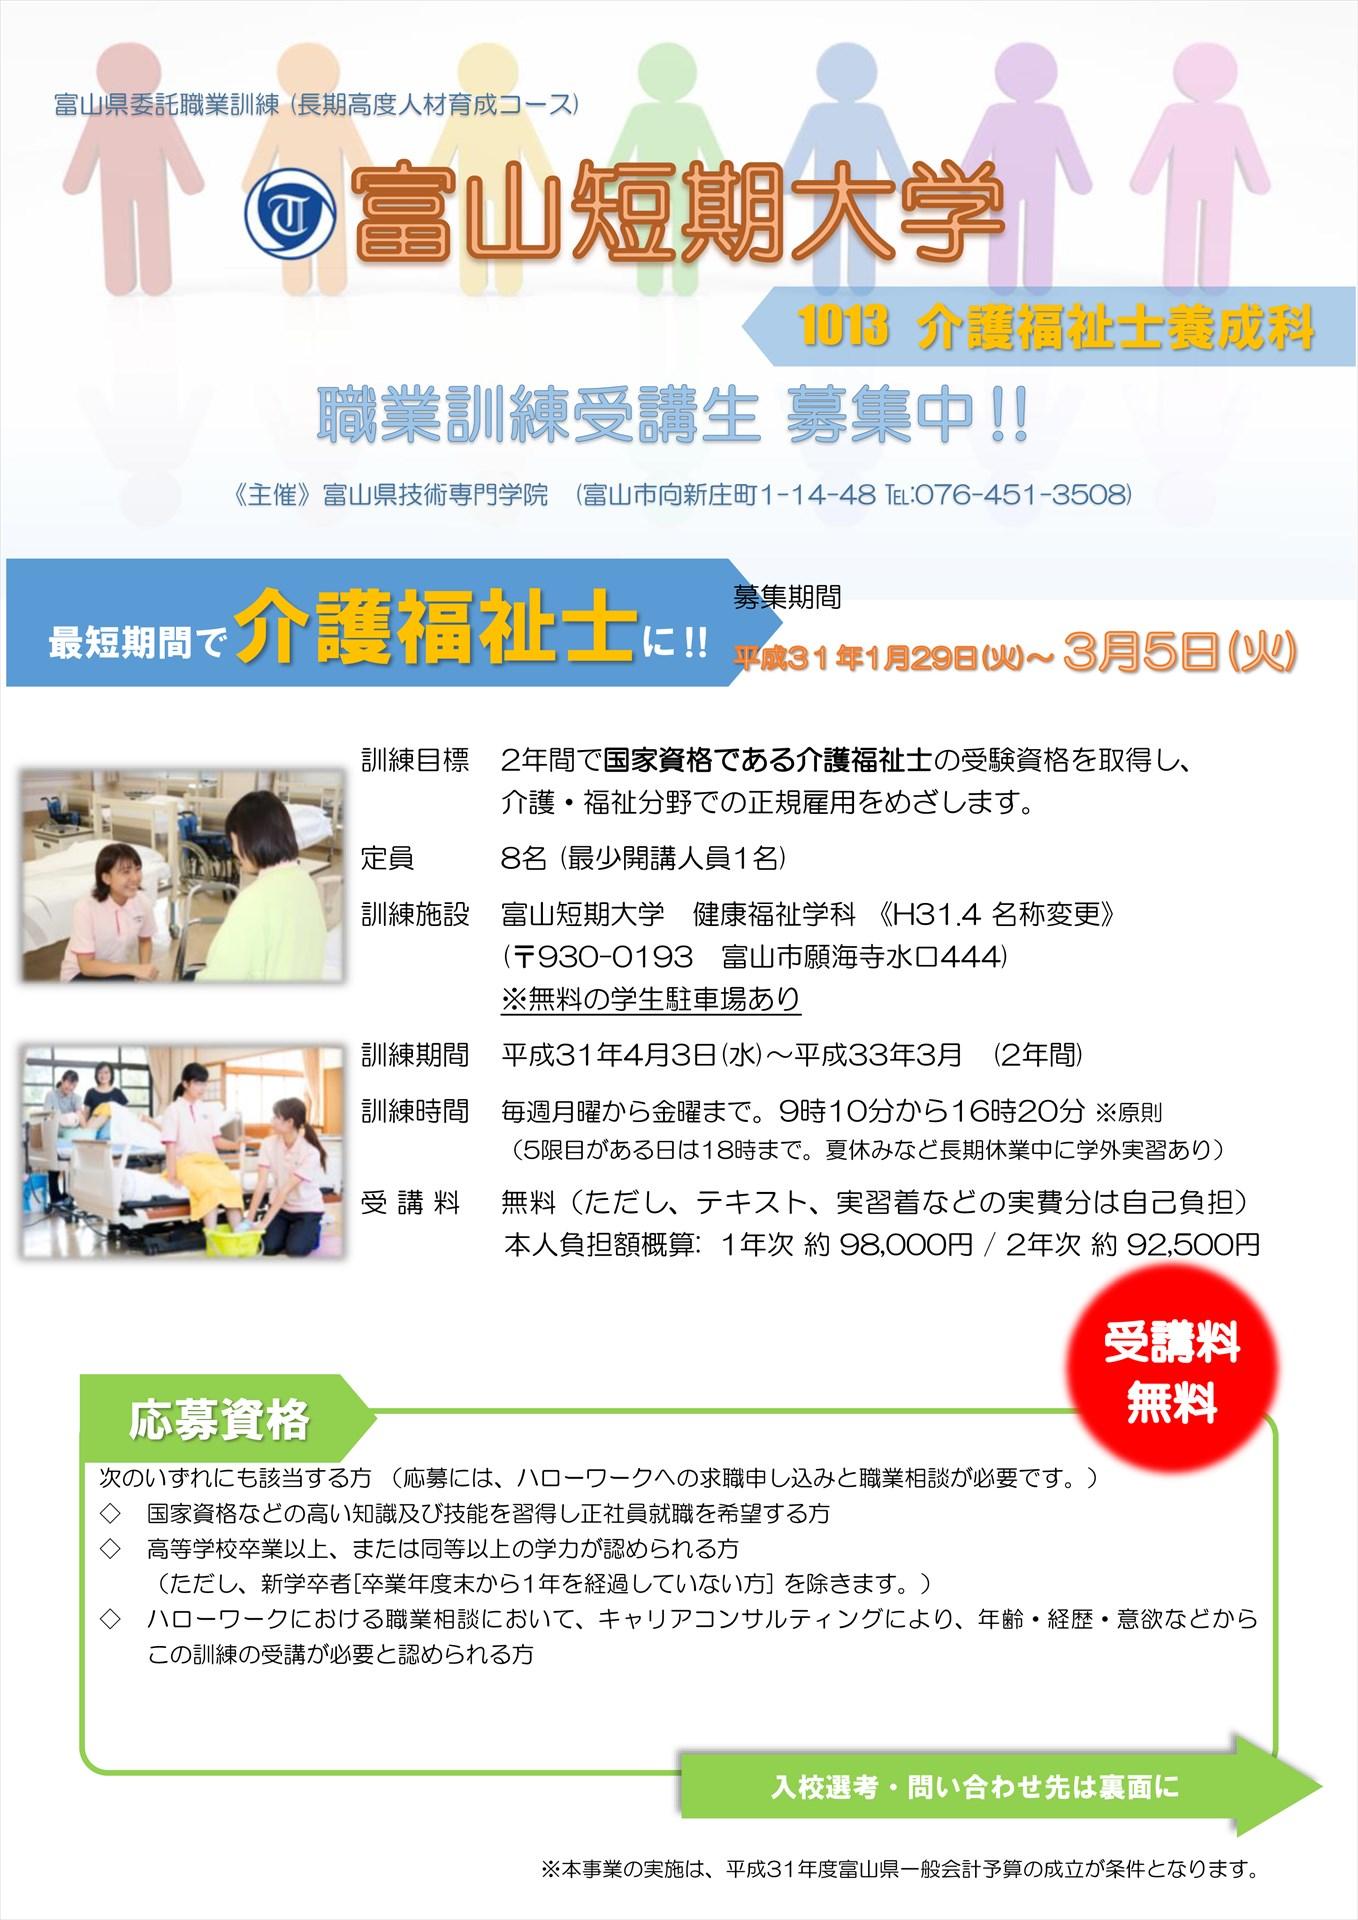 https://www.toyama-c.ac.jp/news/mt_images/abe7e5c6217851ef4489ded213c5b9ae.jpg